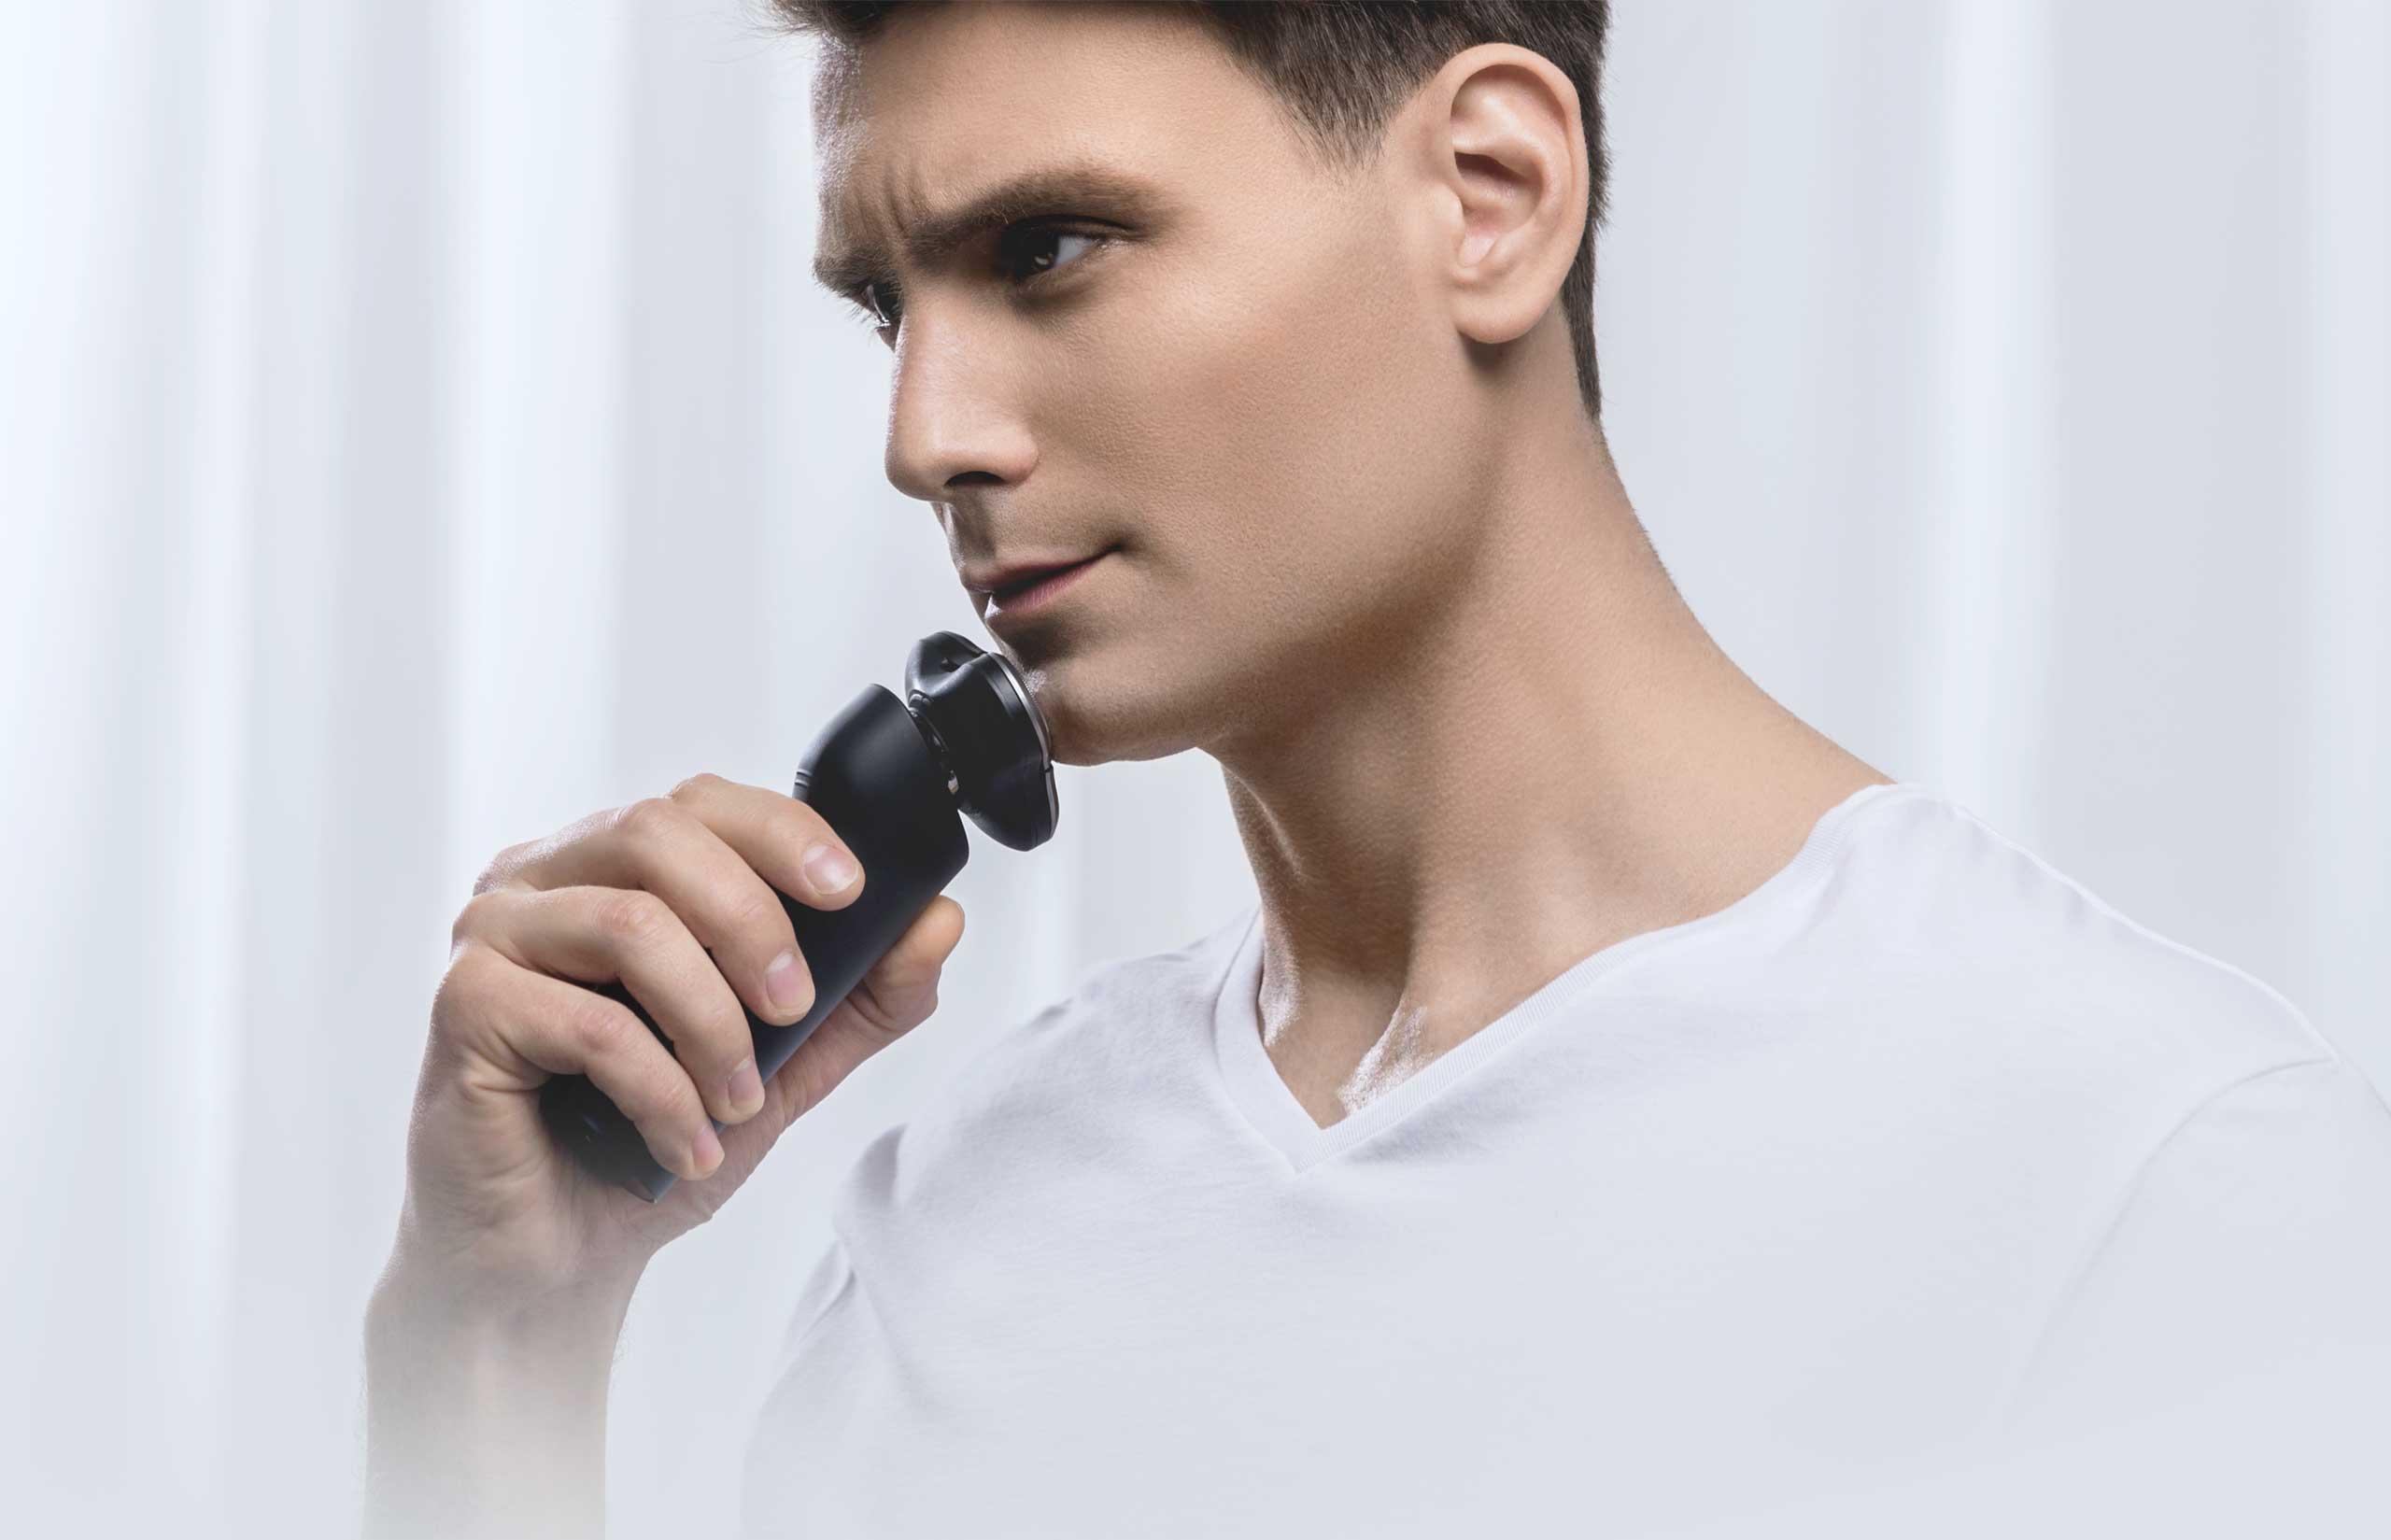 米家电动剃须刃滦士刮胡刃全身水洗充电式胡须刃剃须干湿双剃新品